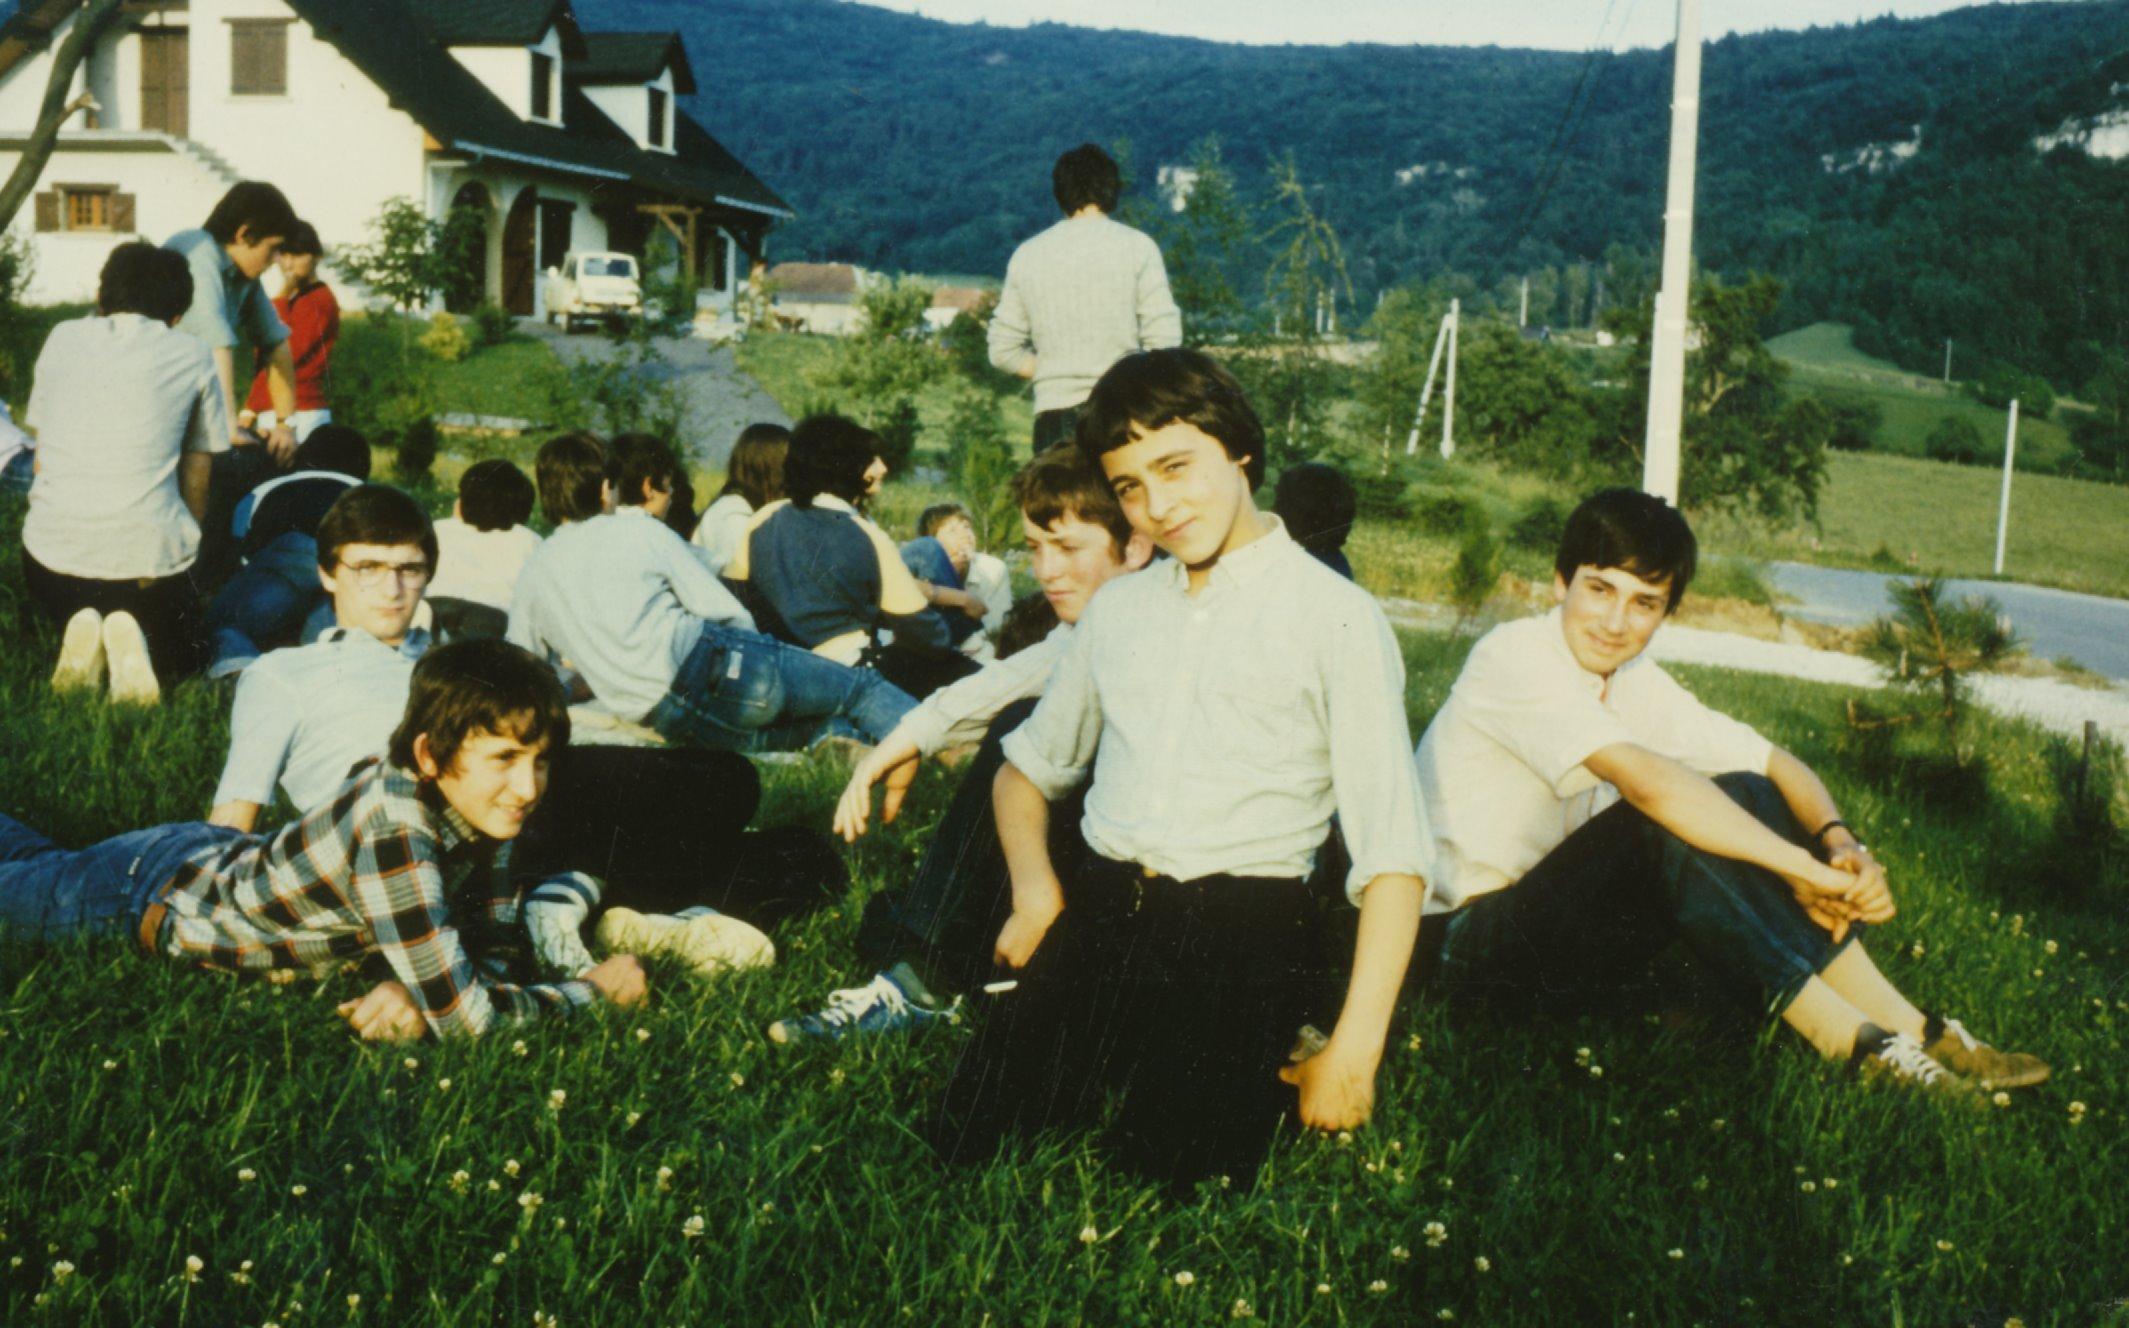 Archives anciens élèves mfr puy-sec 1980 (2)